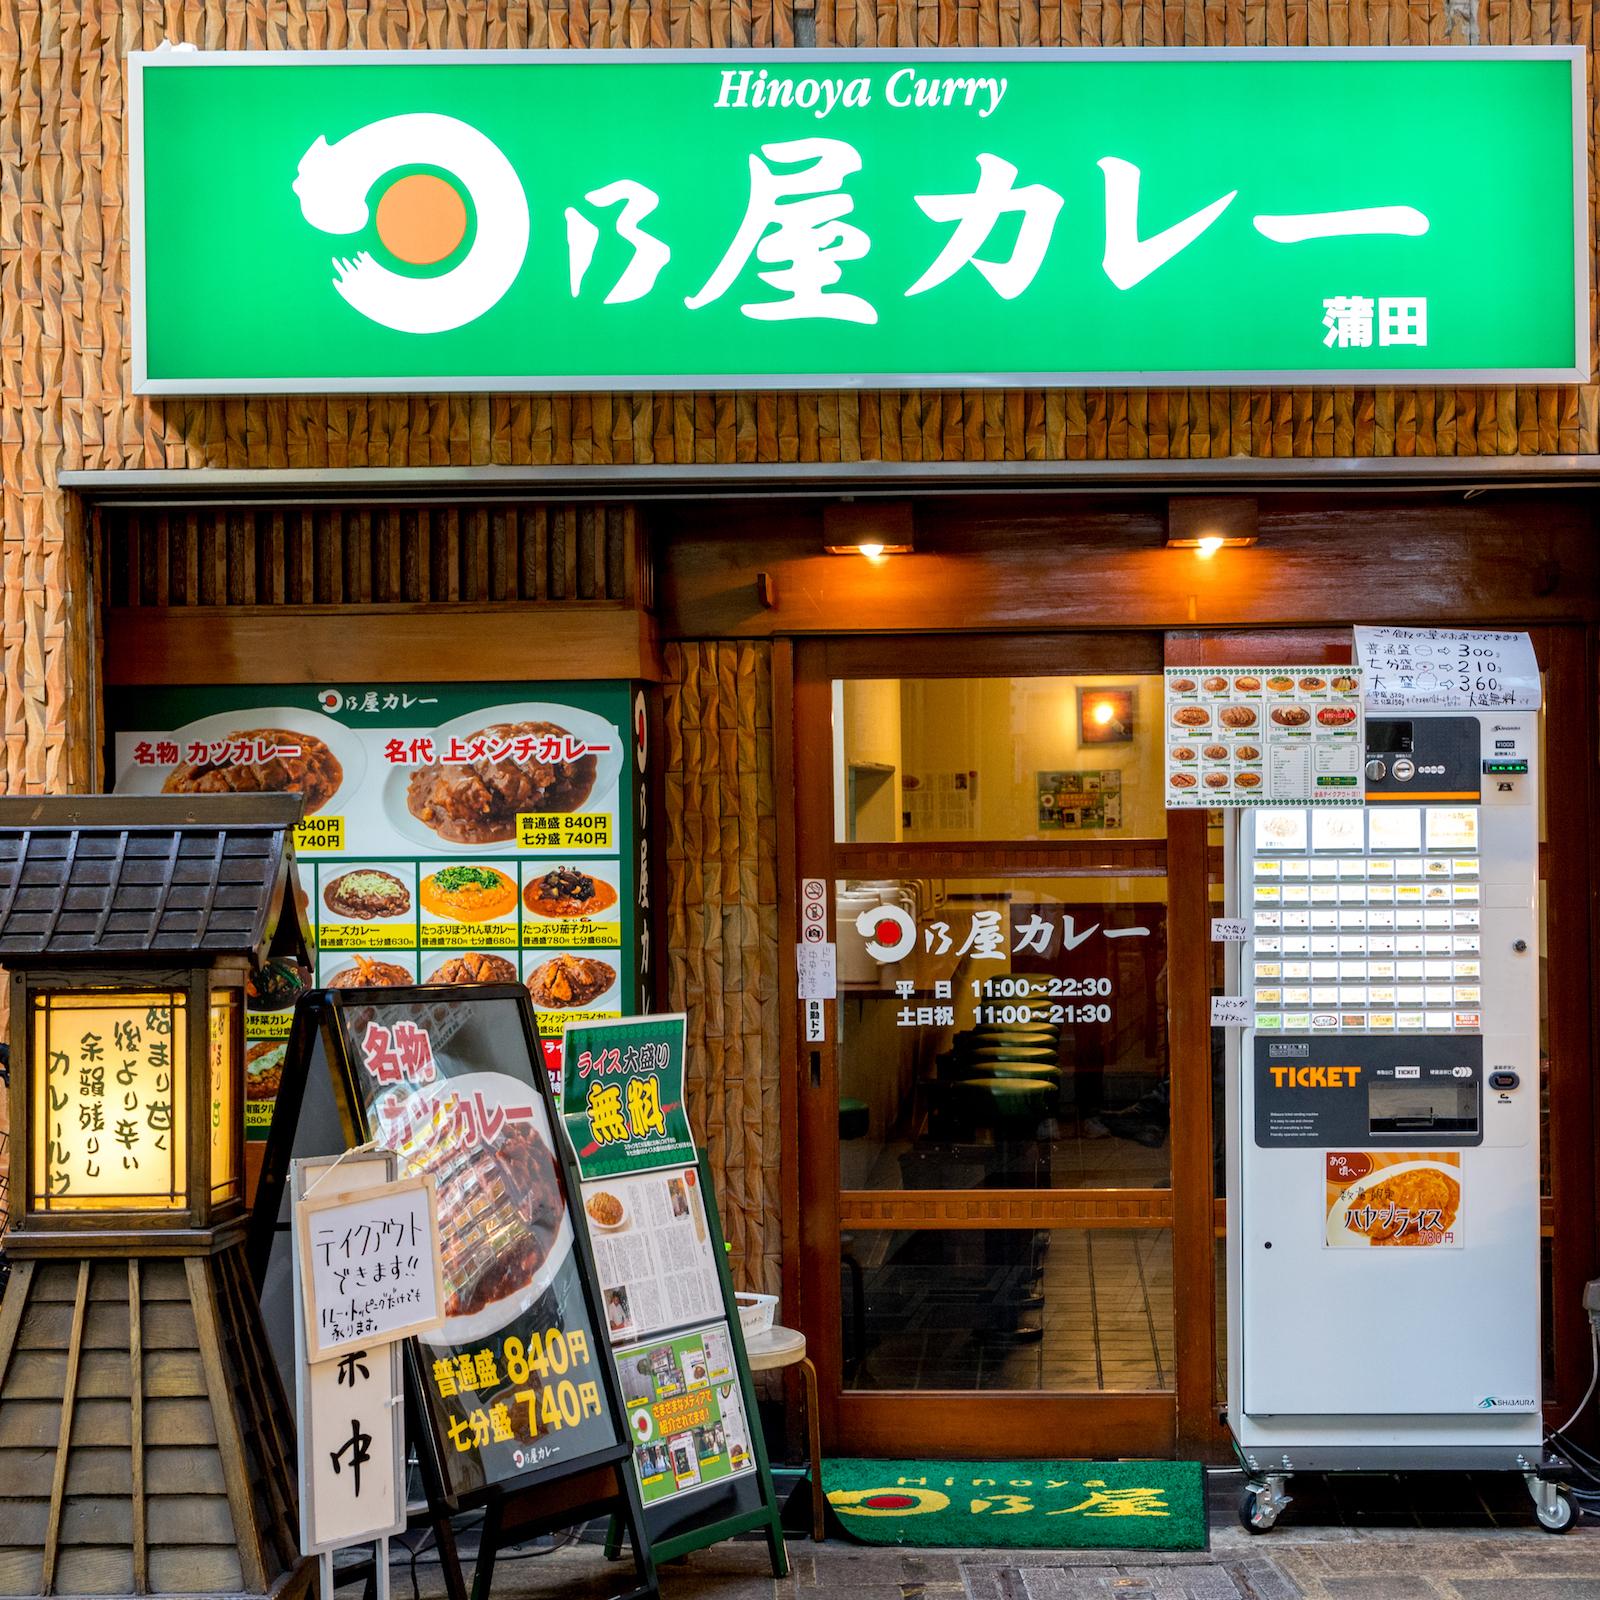 日乃屋カレー 蒲田店